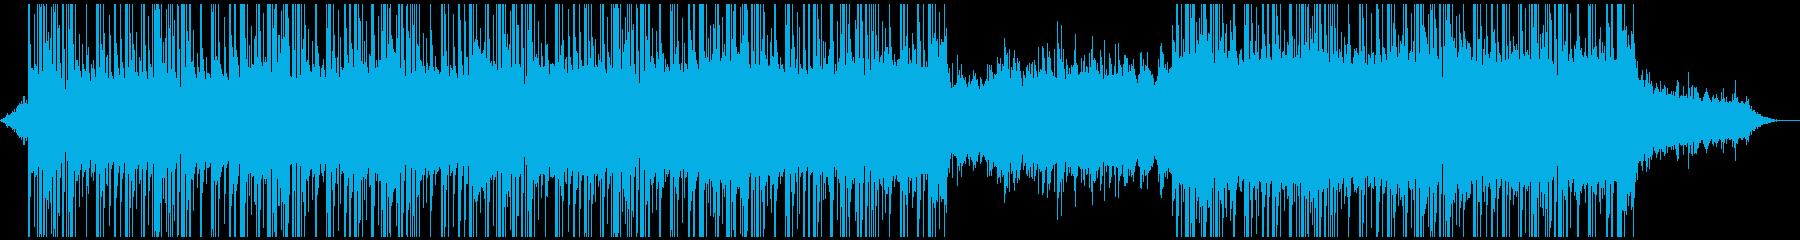 ポップ テクノ ダブステップ 実験...の再生済みの波形